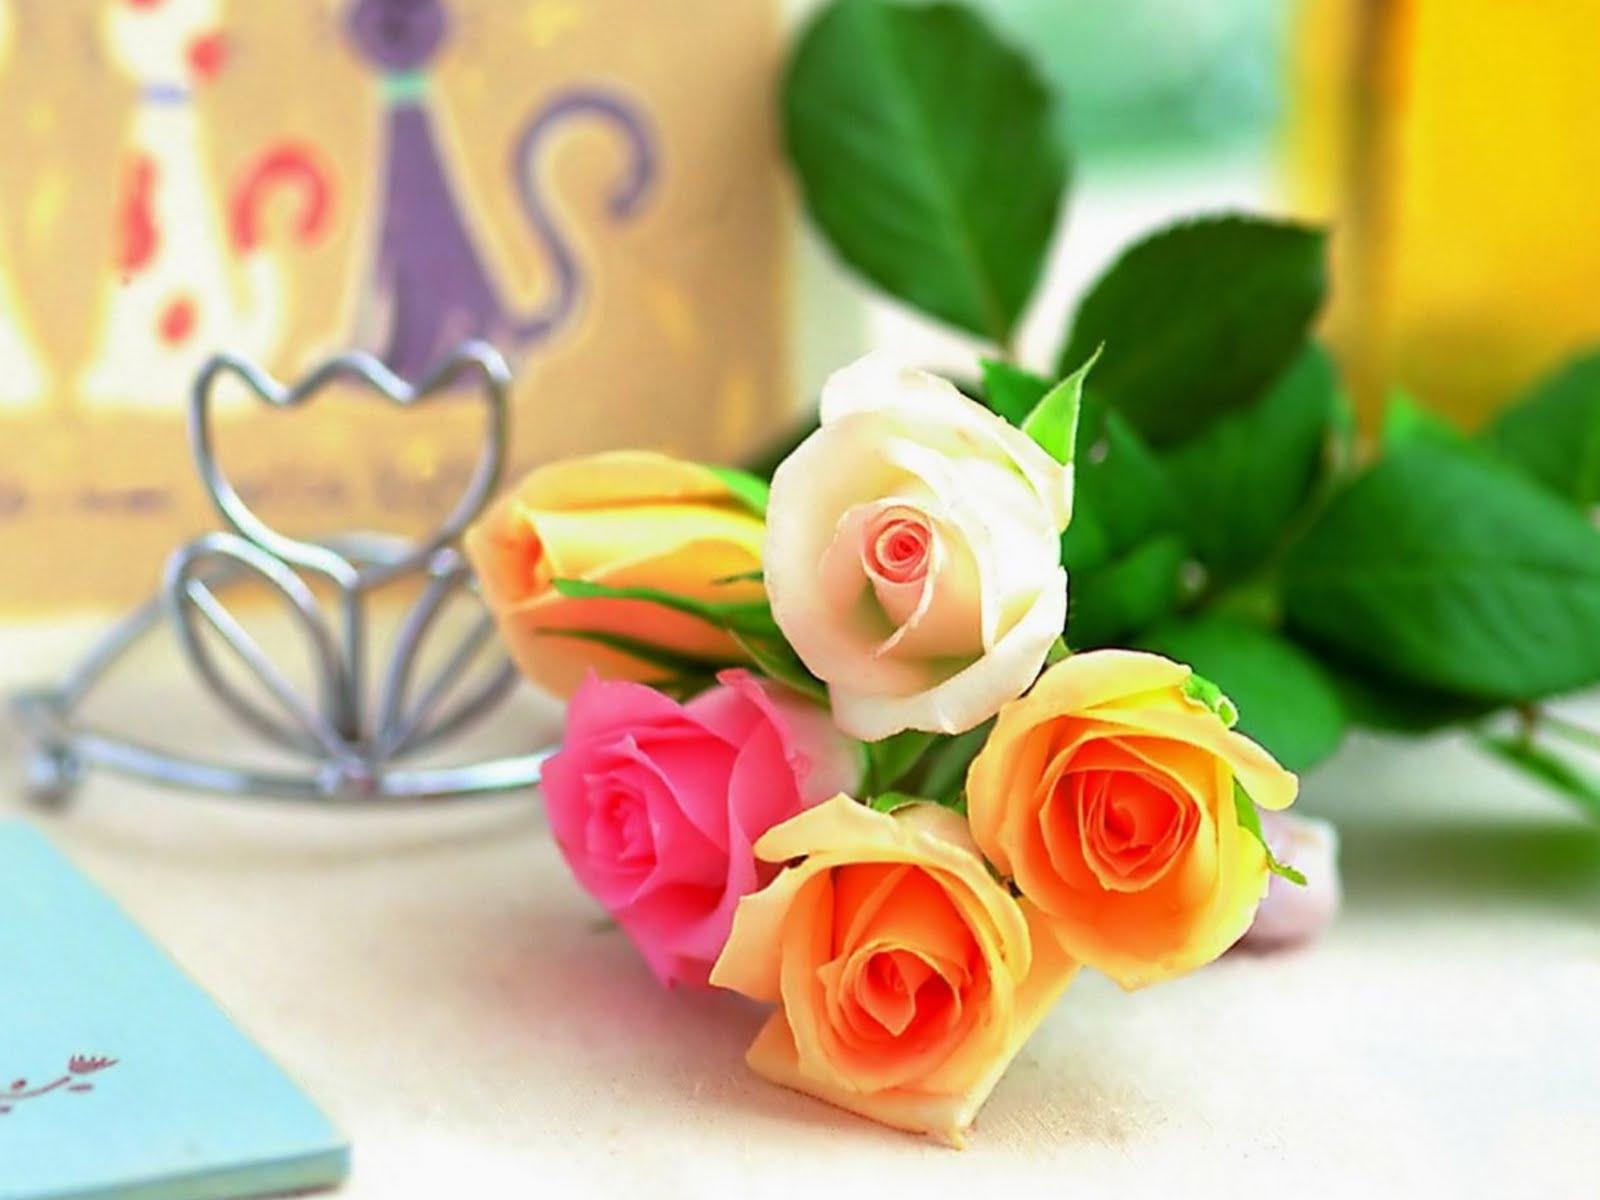 wallpapernarium: Cinco bonitas rosas puestas sobre una mesa